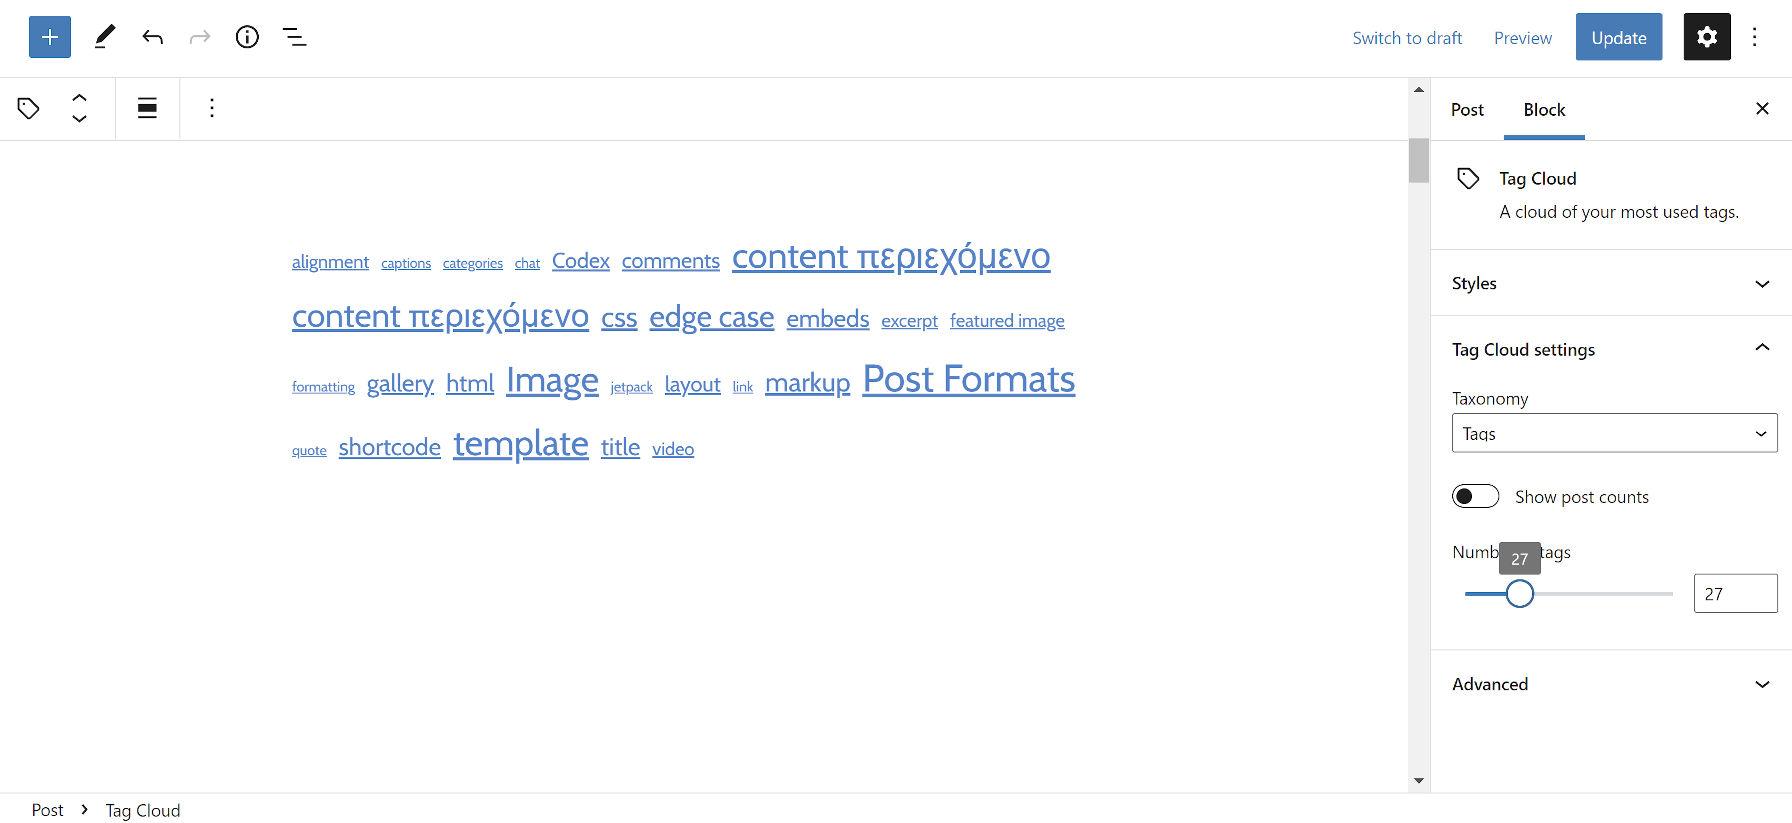 Blocco cloud di tag nell'editor di WordPress con uno slider per impostare il numero di tag mostrati.